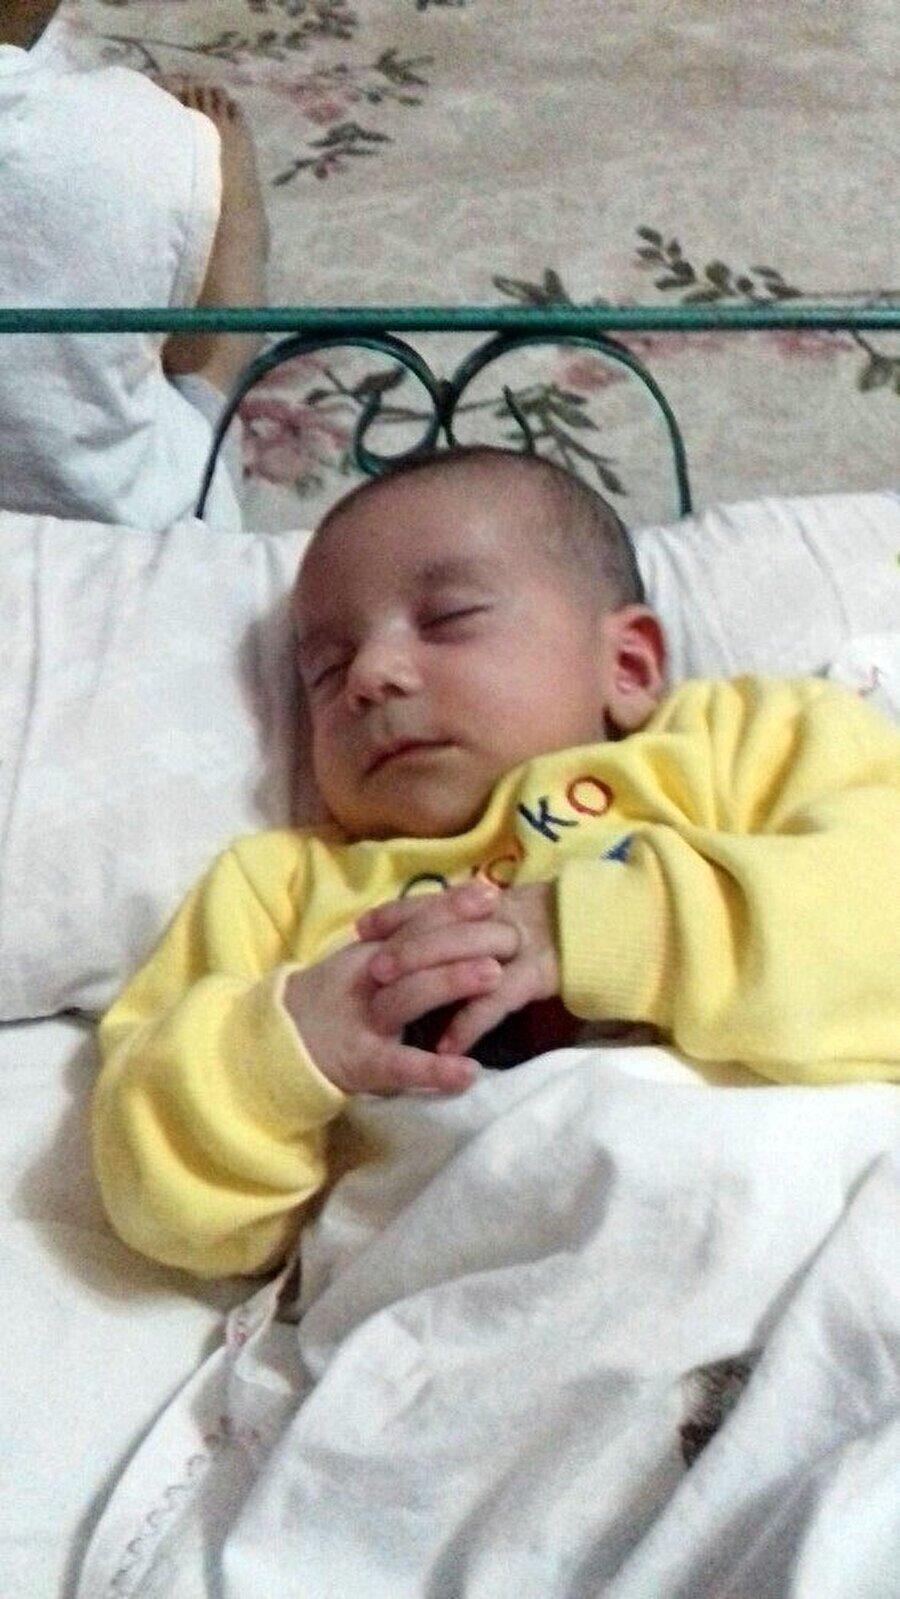 Anne-baba arasında yeni doğan bebeğe isim koyma tartışması kavgaya dönüştü.